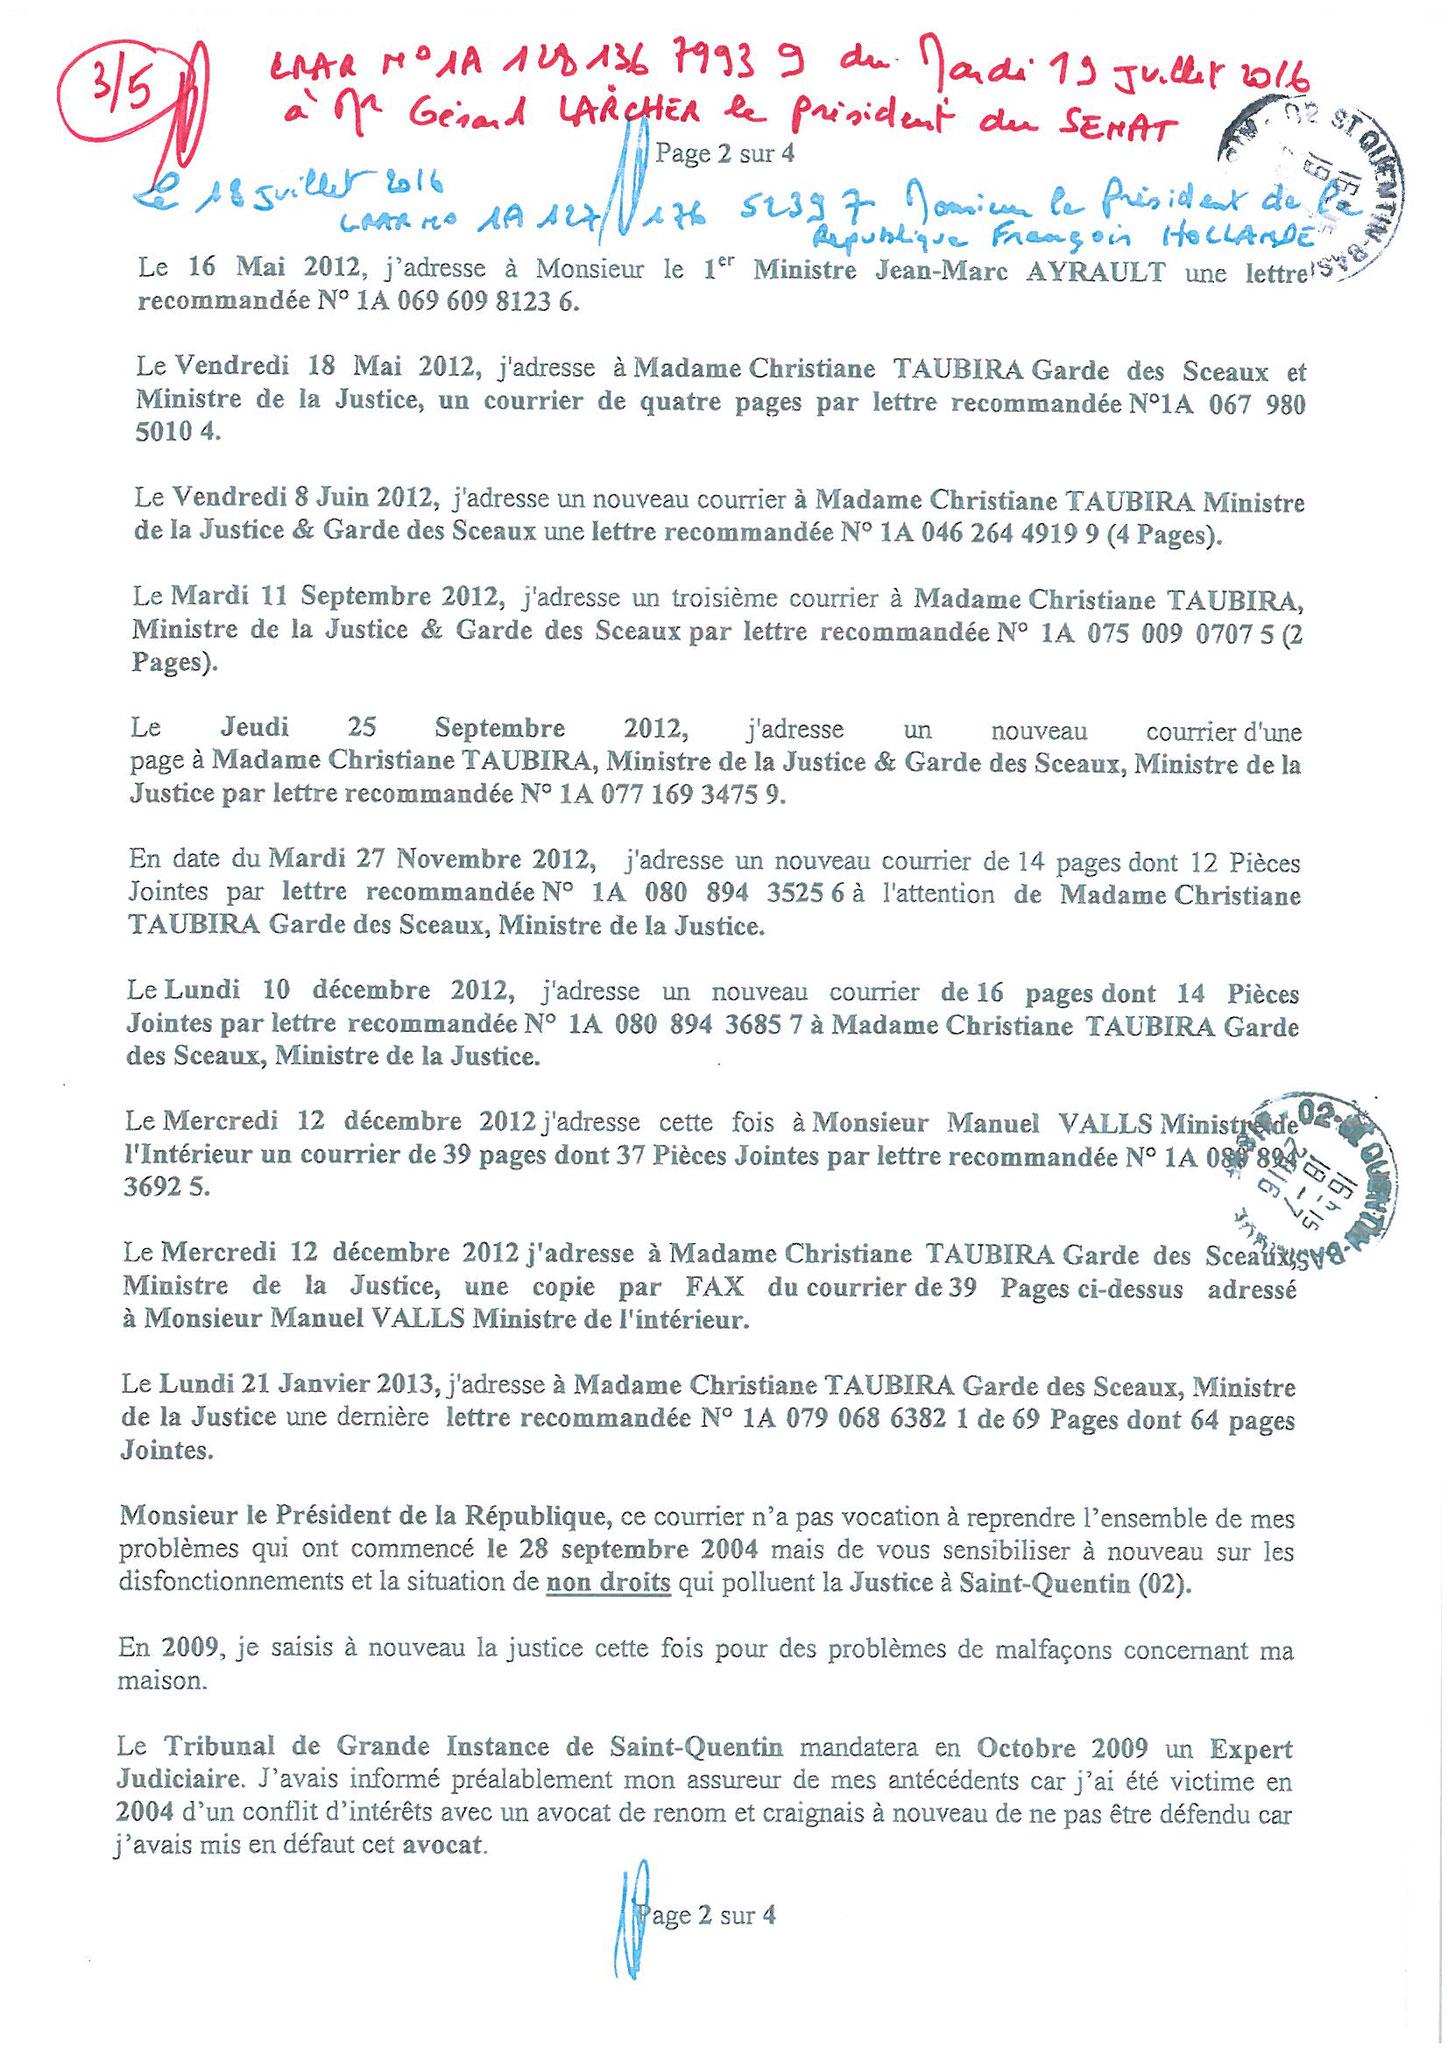 LRAR du 19 Juillet 2016 à Monsieur Gérard LARCHER le Président du Sénat page 3 sur 5